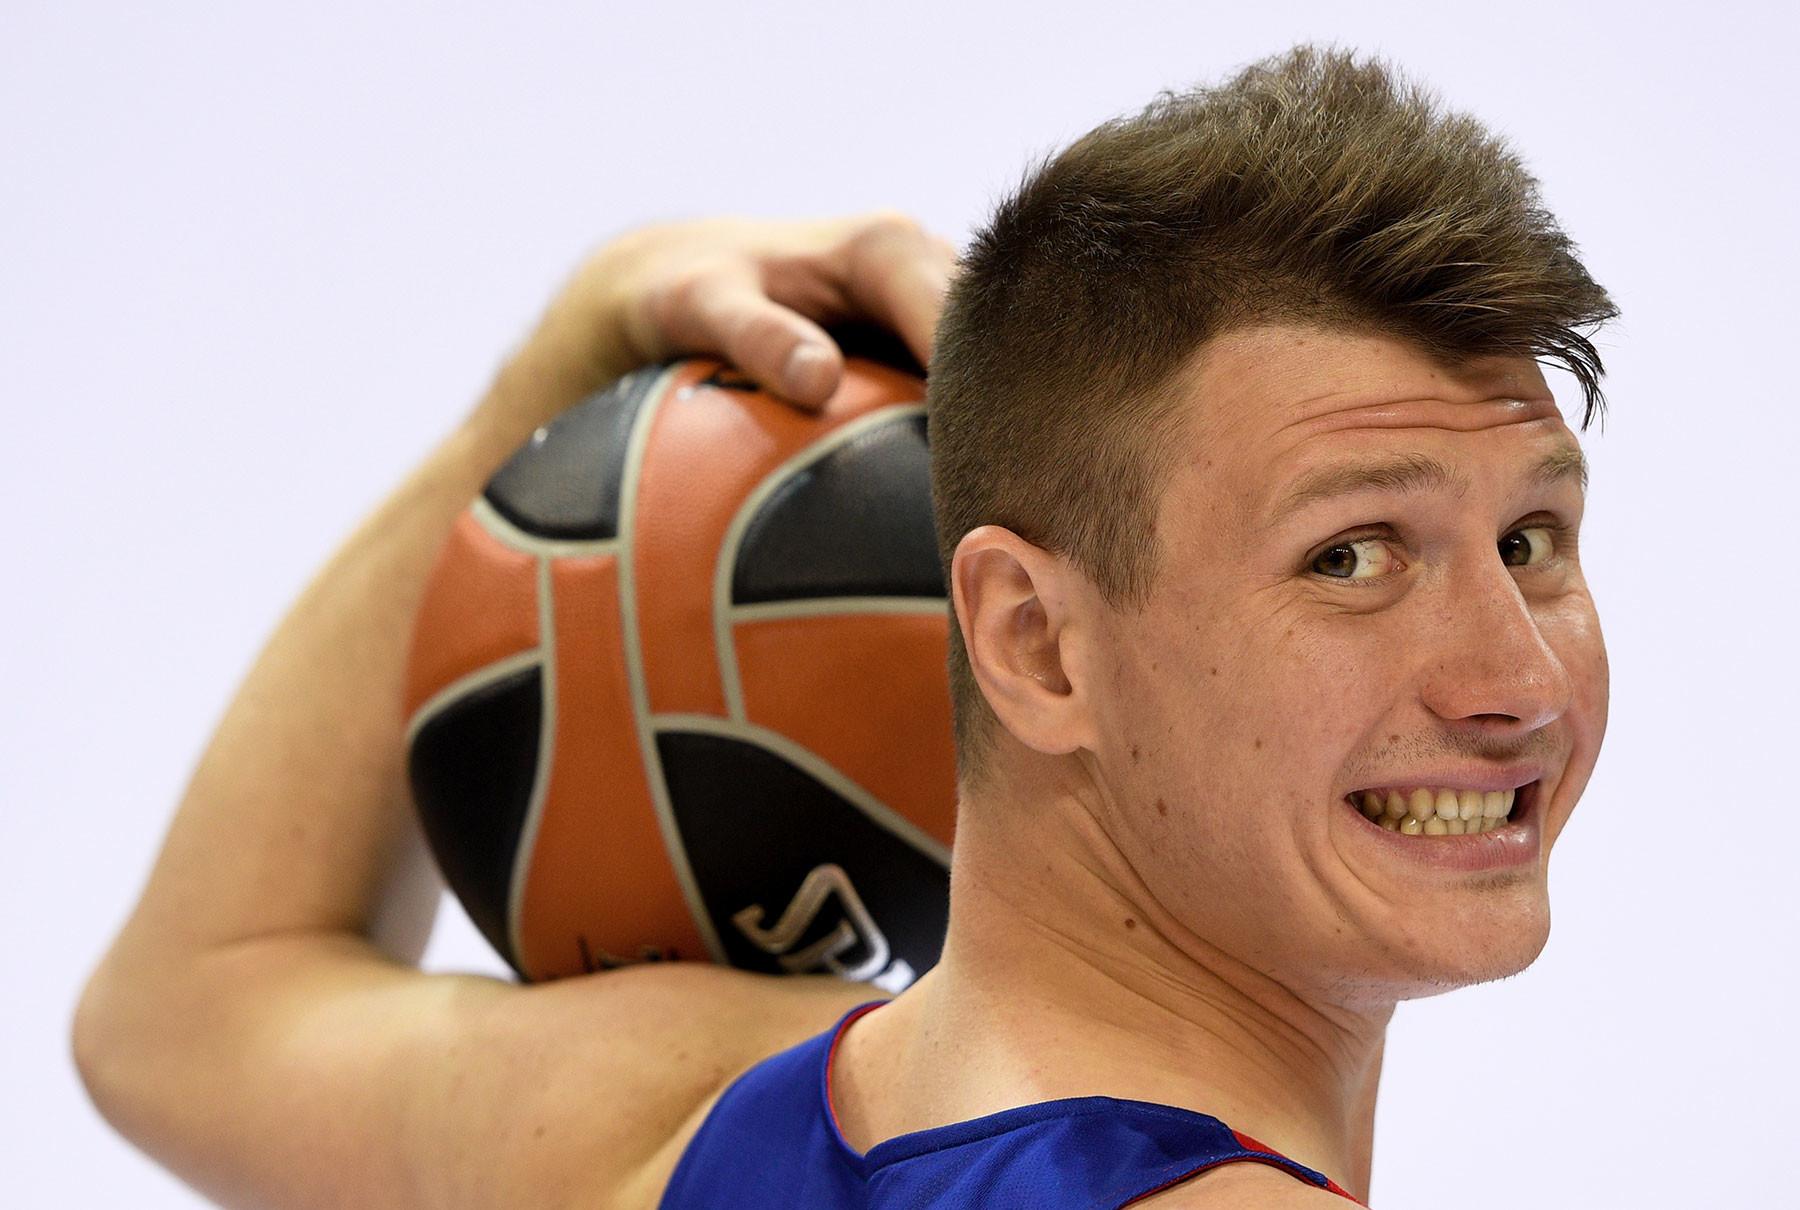 Игрок ПБК ЦСКА Андрей Воронцевич. Фото: © РИА Новости / Алексей Филиппов